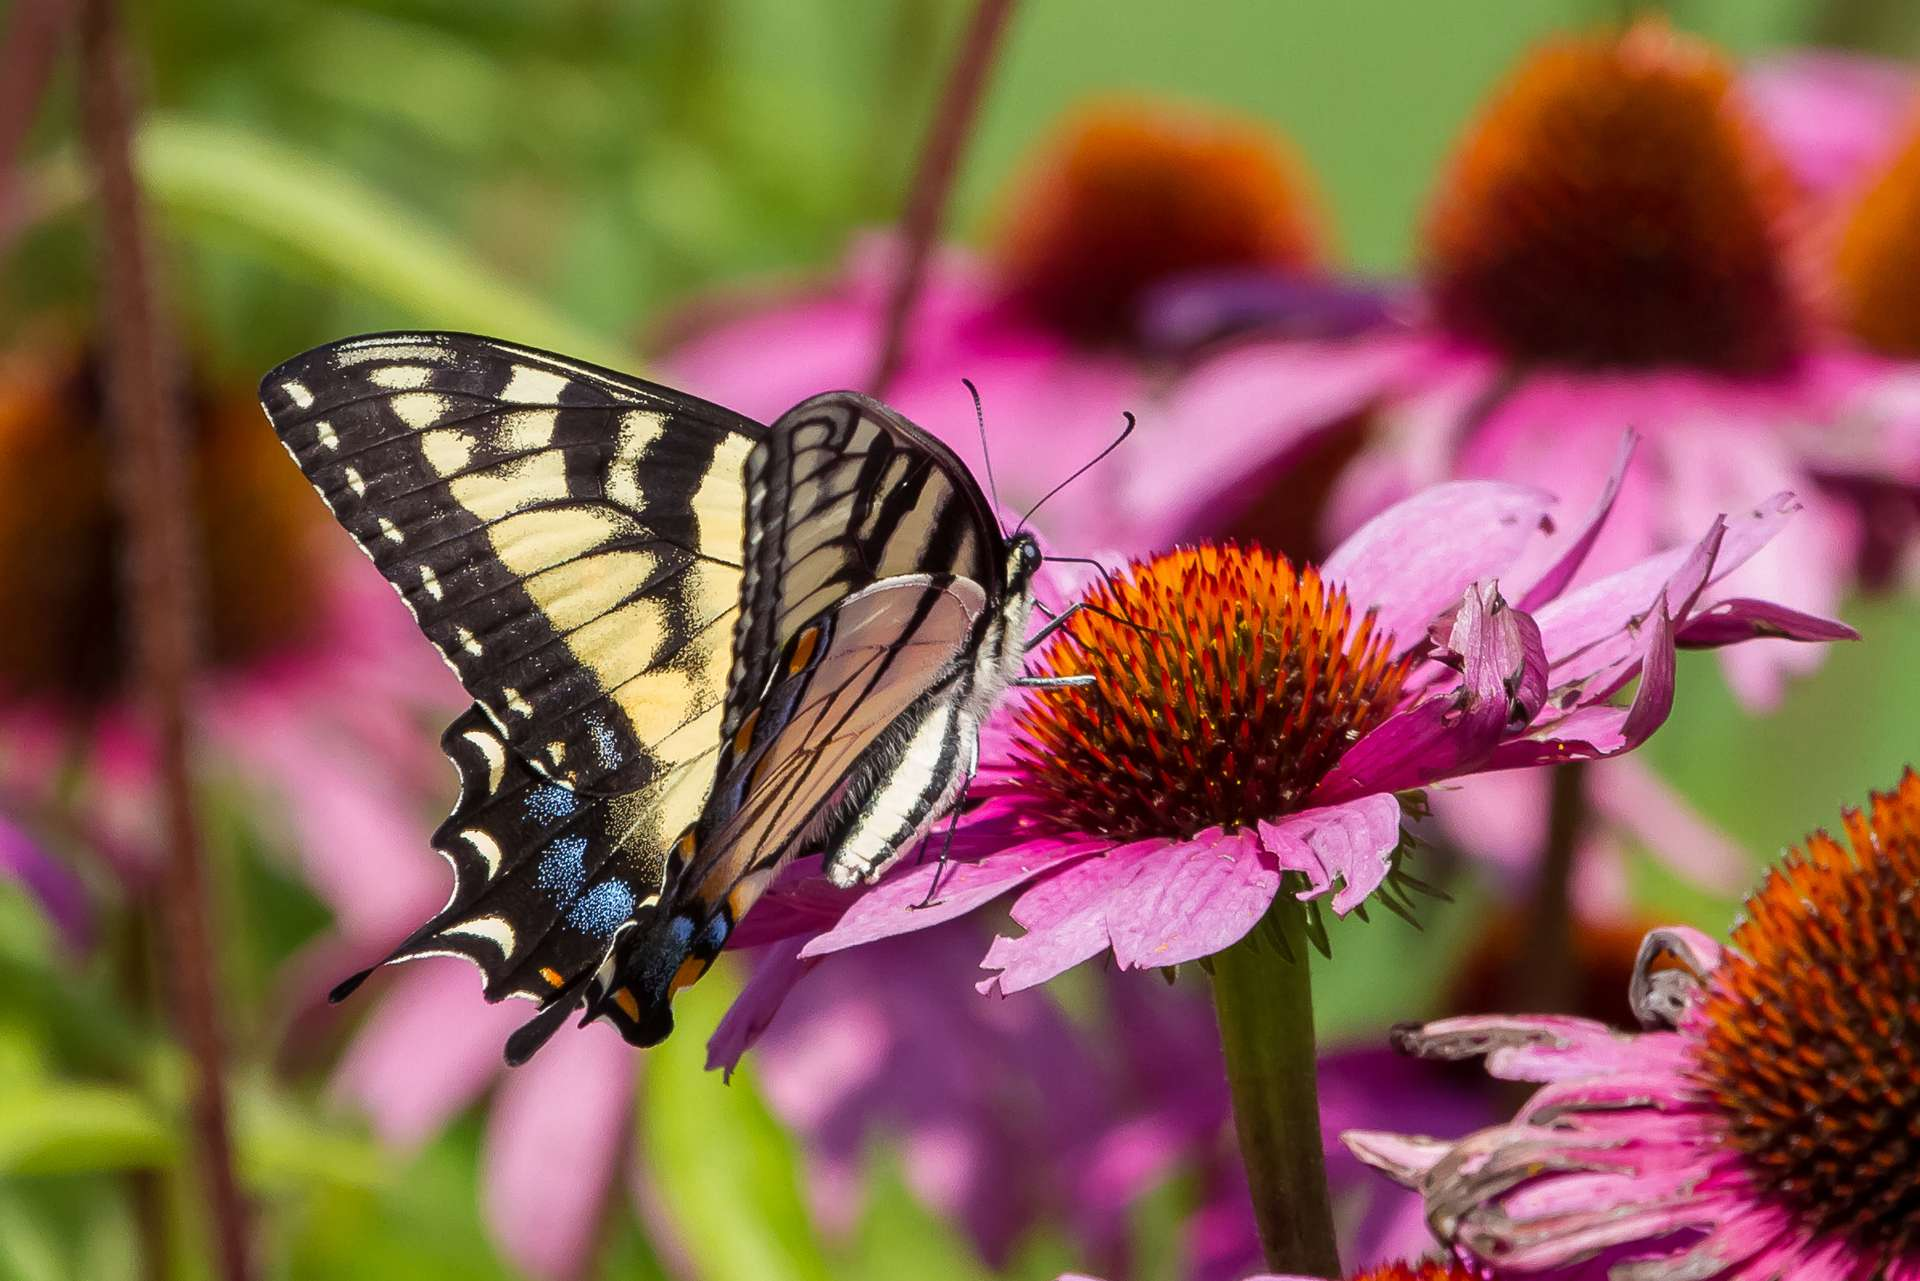 Les papillons font partie des insectes pollinisateurs. © Proedding, Adobe Stock